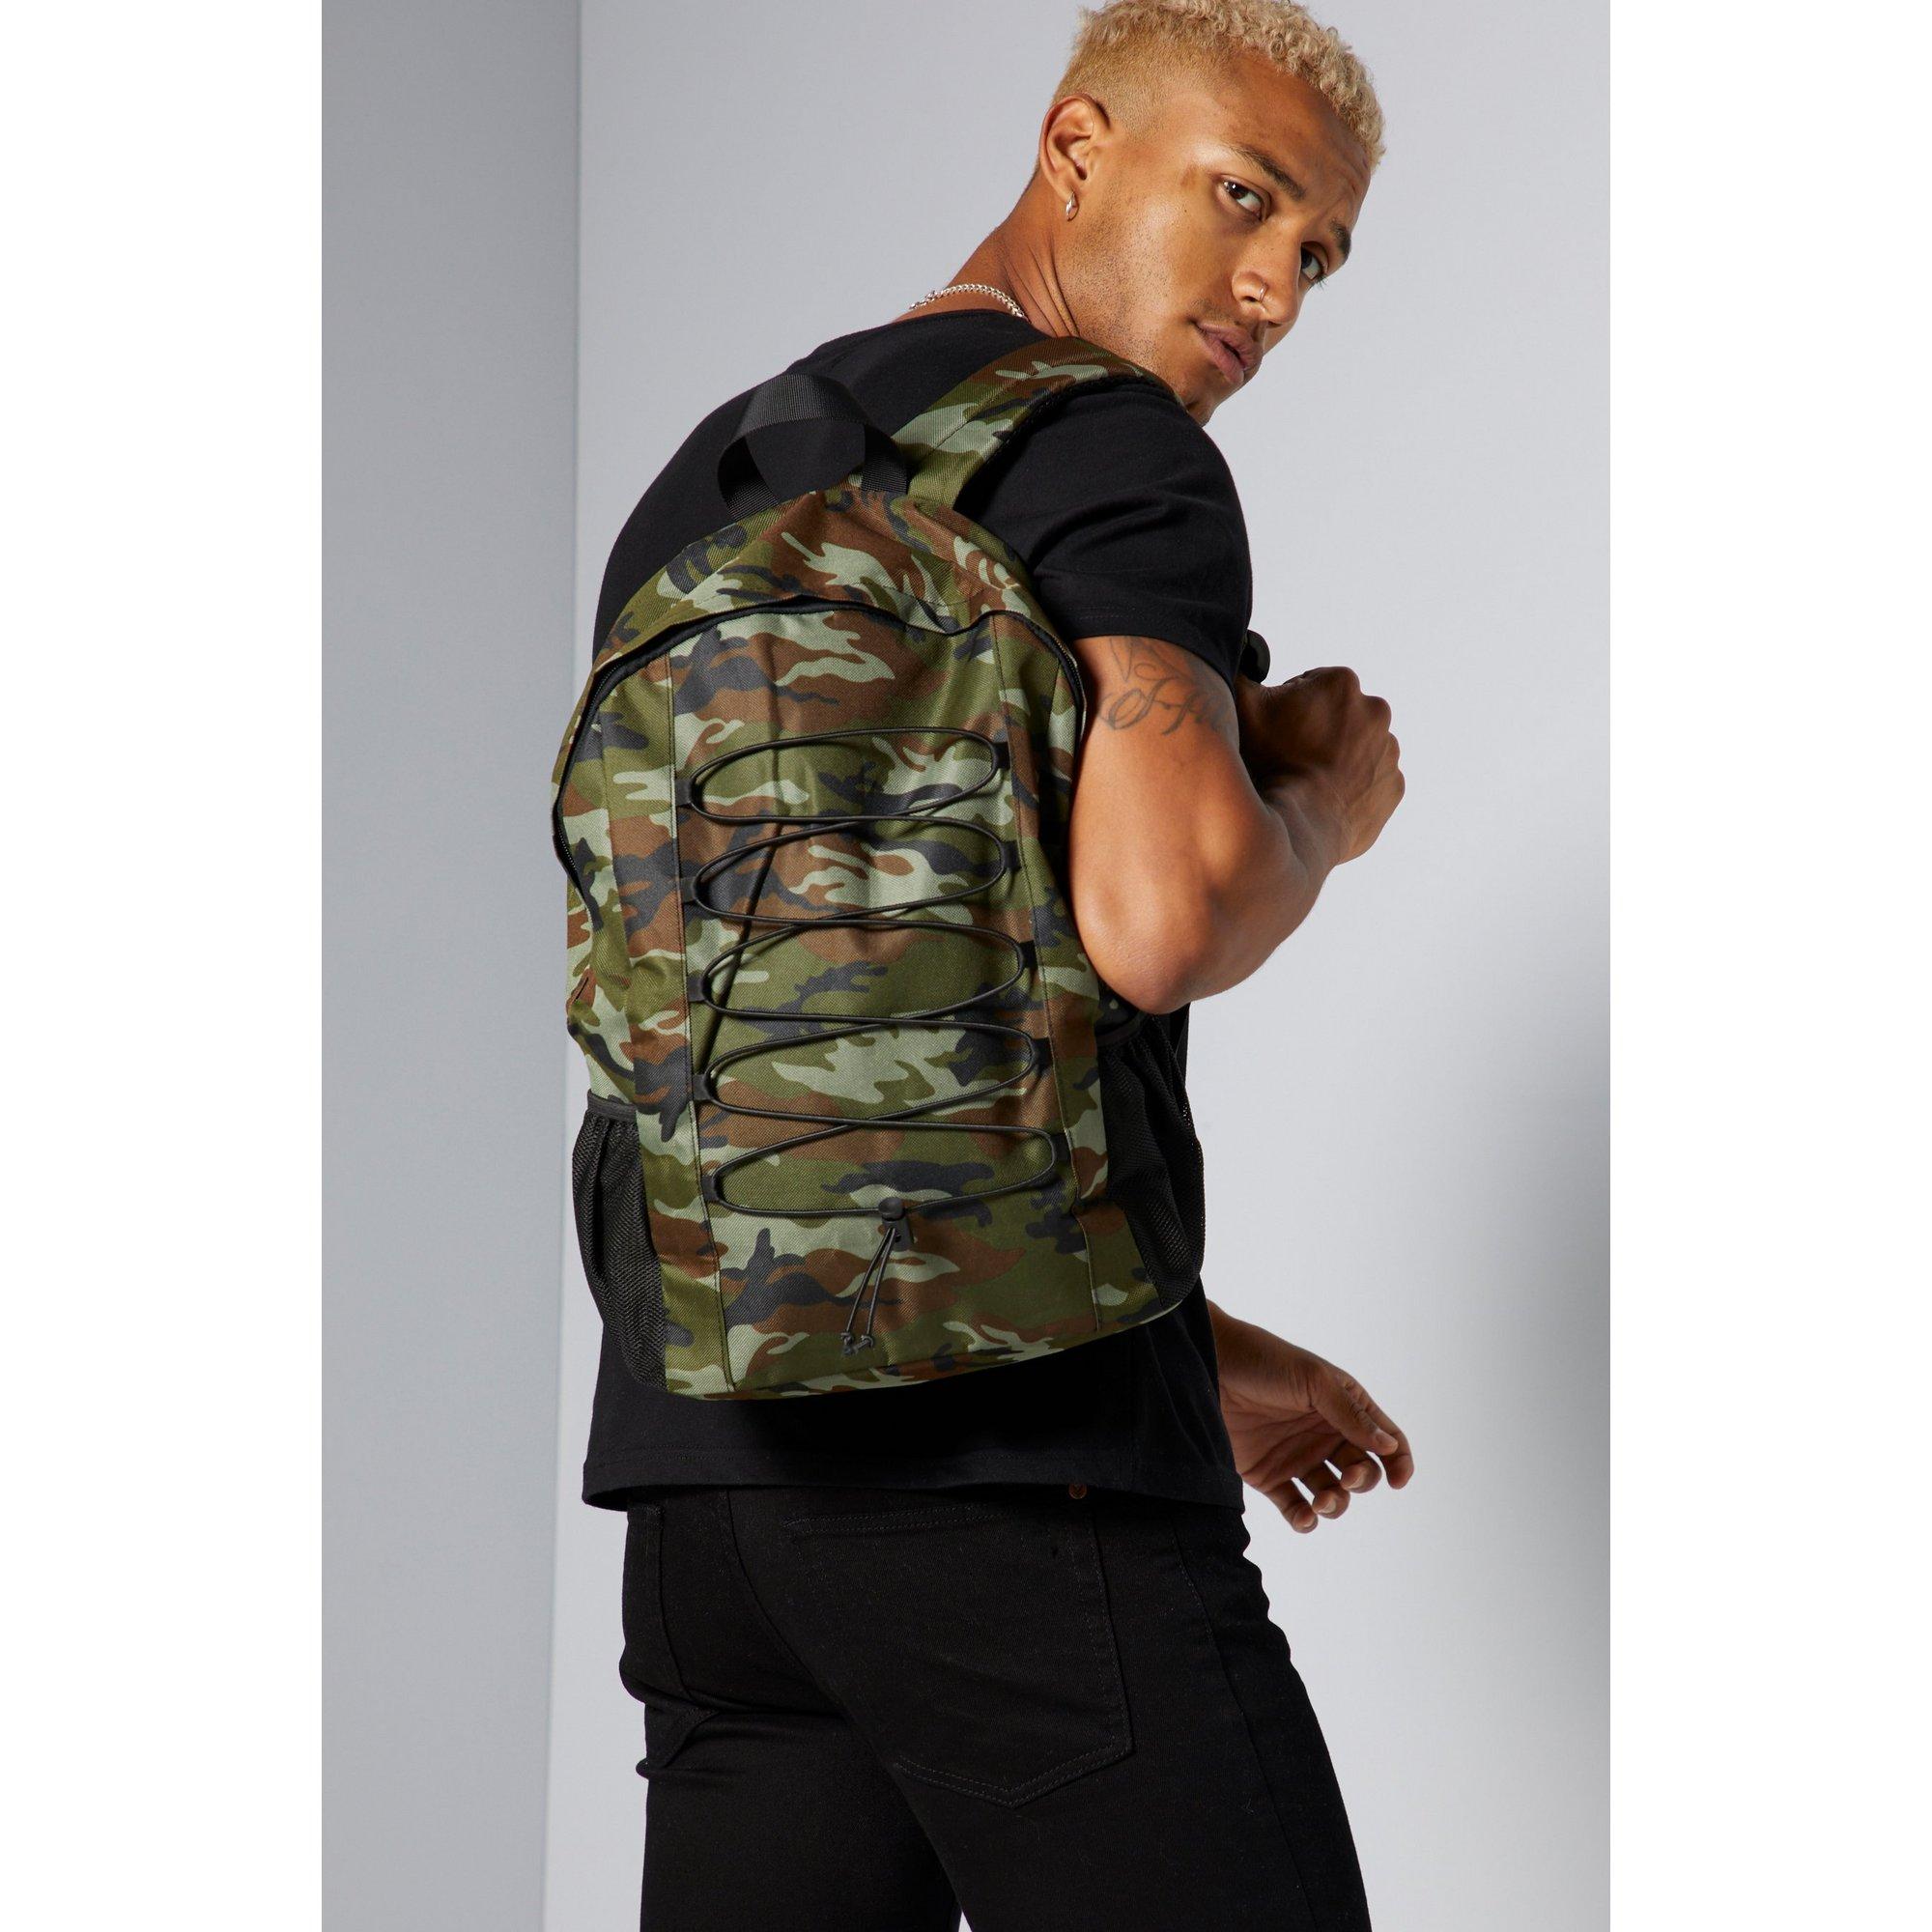 Image of Khaki Camo Backpack